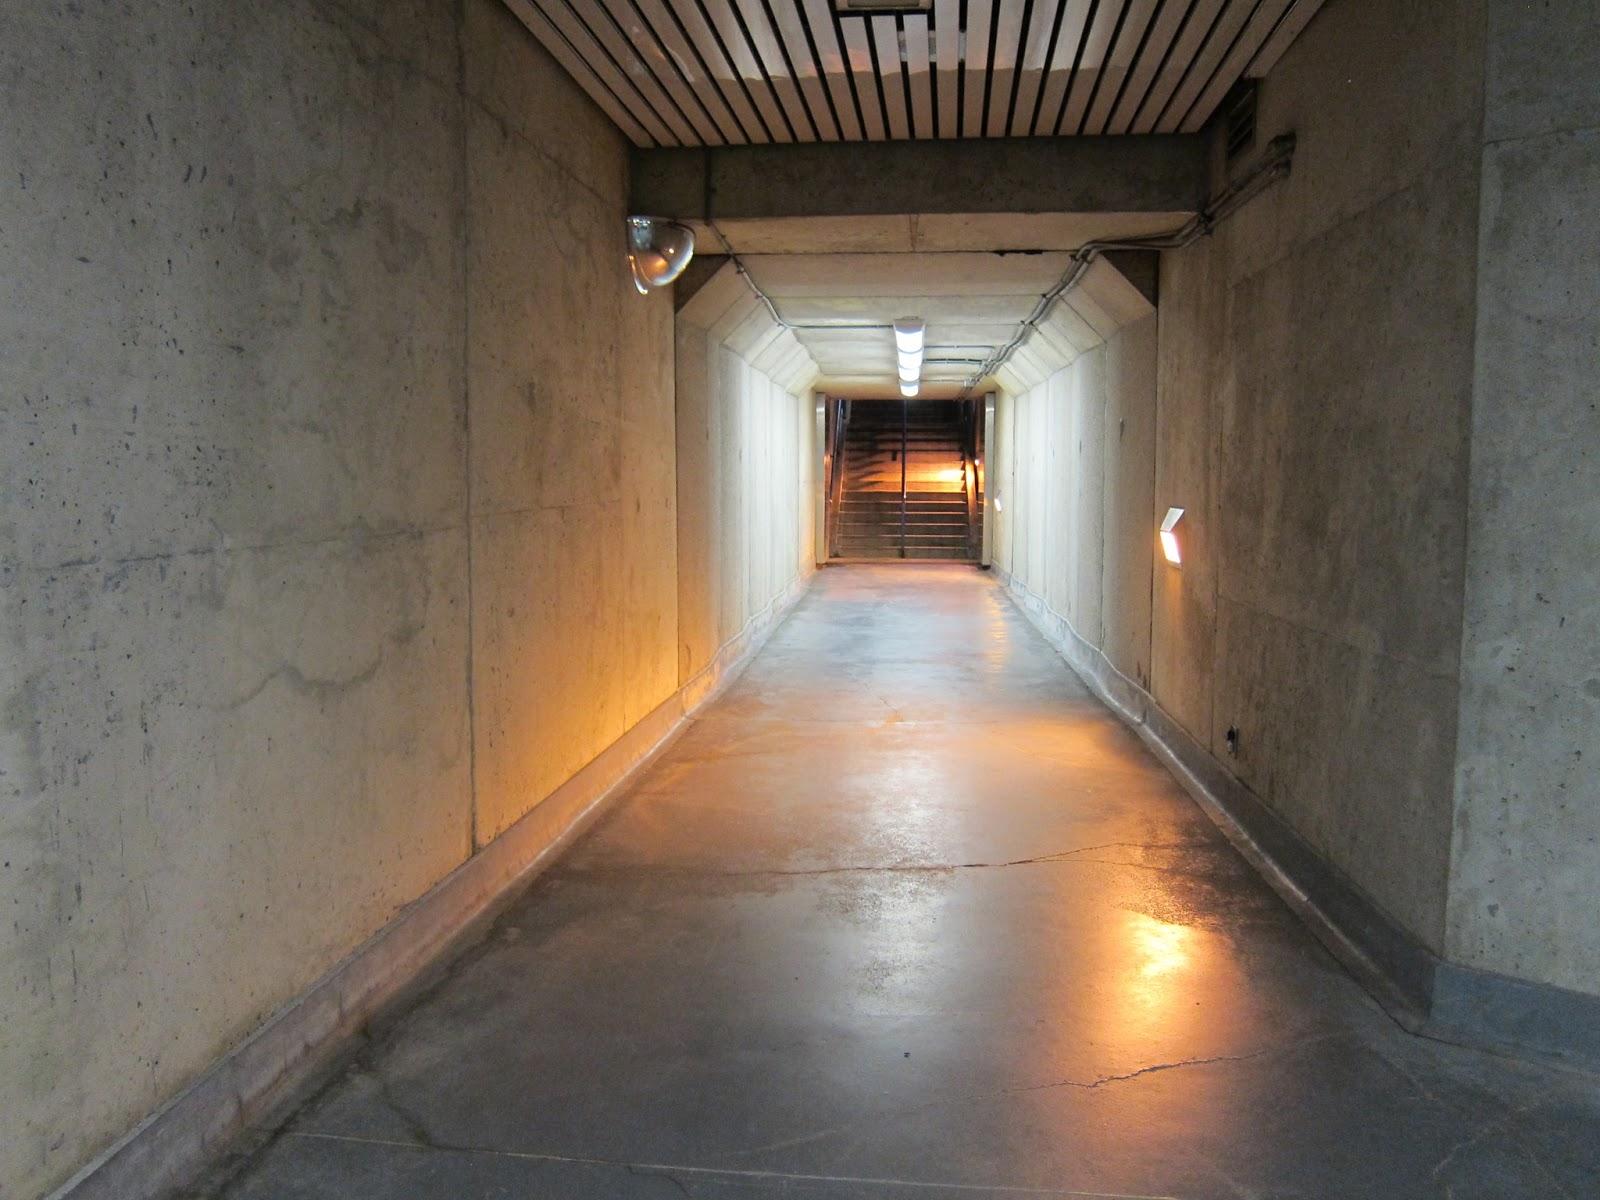 Ellesmere station entrance corridor